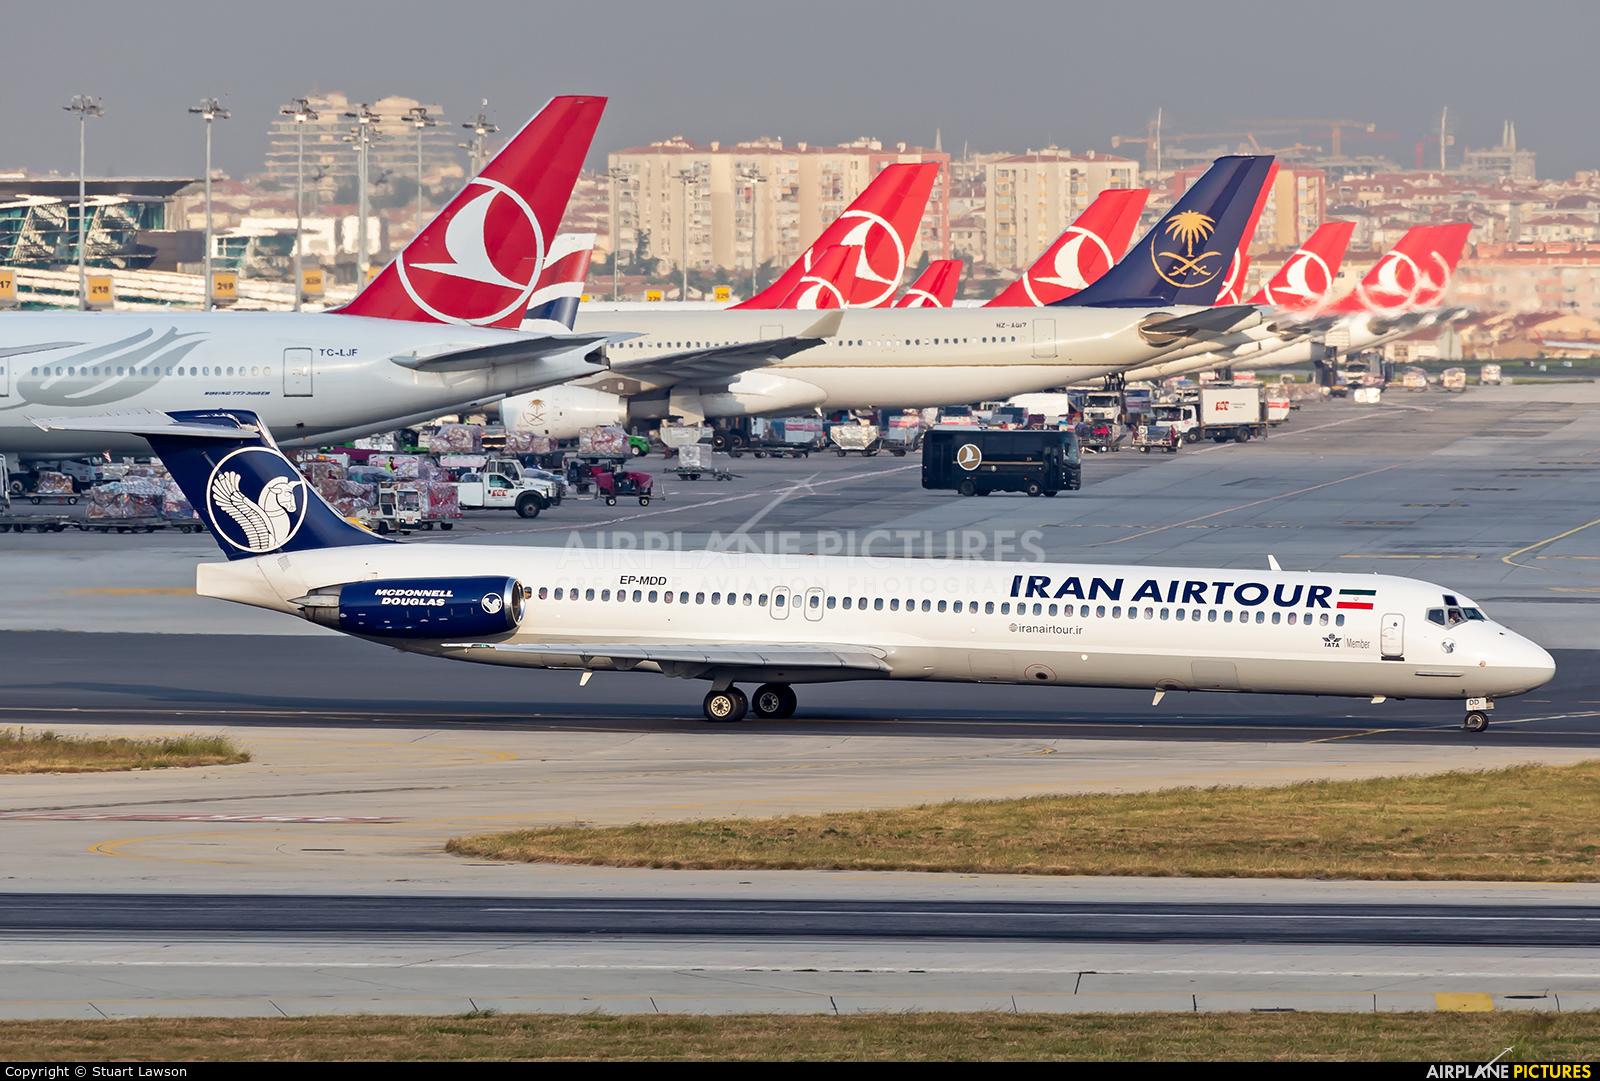 Iran Air Tours EP-MDD aircraft at Istanbul - Ataturk